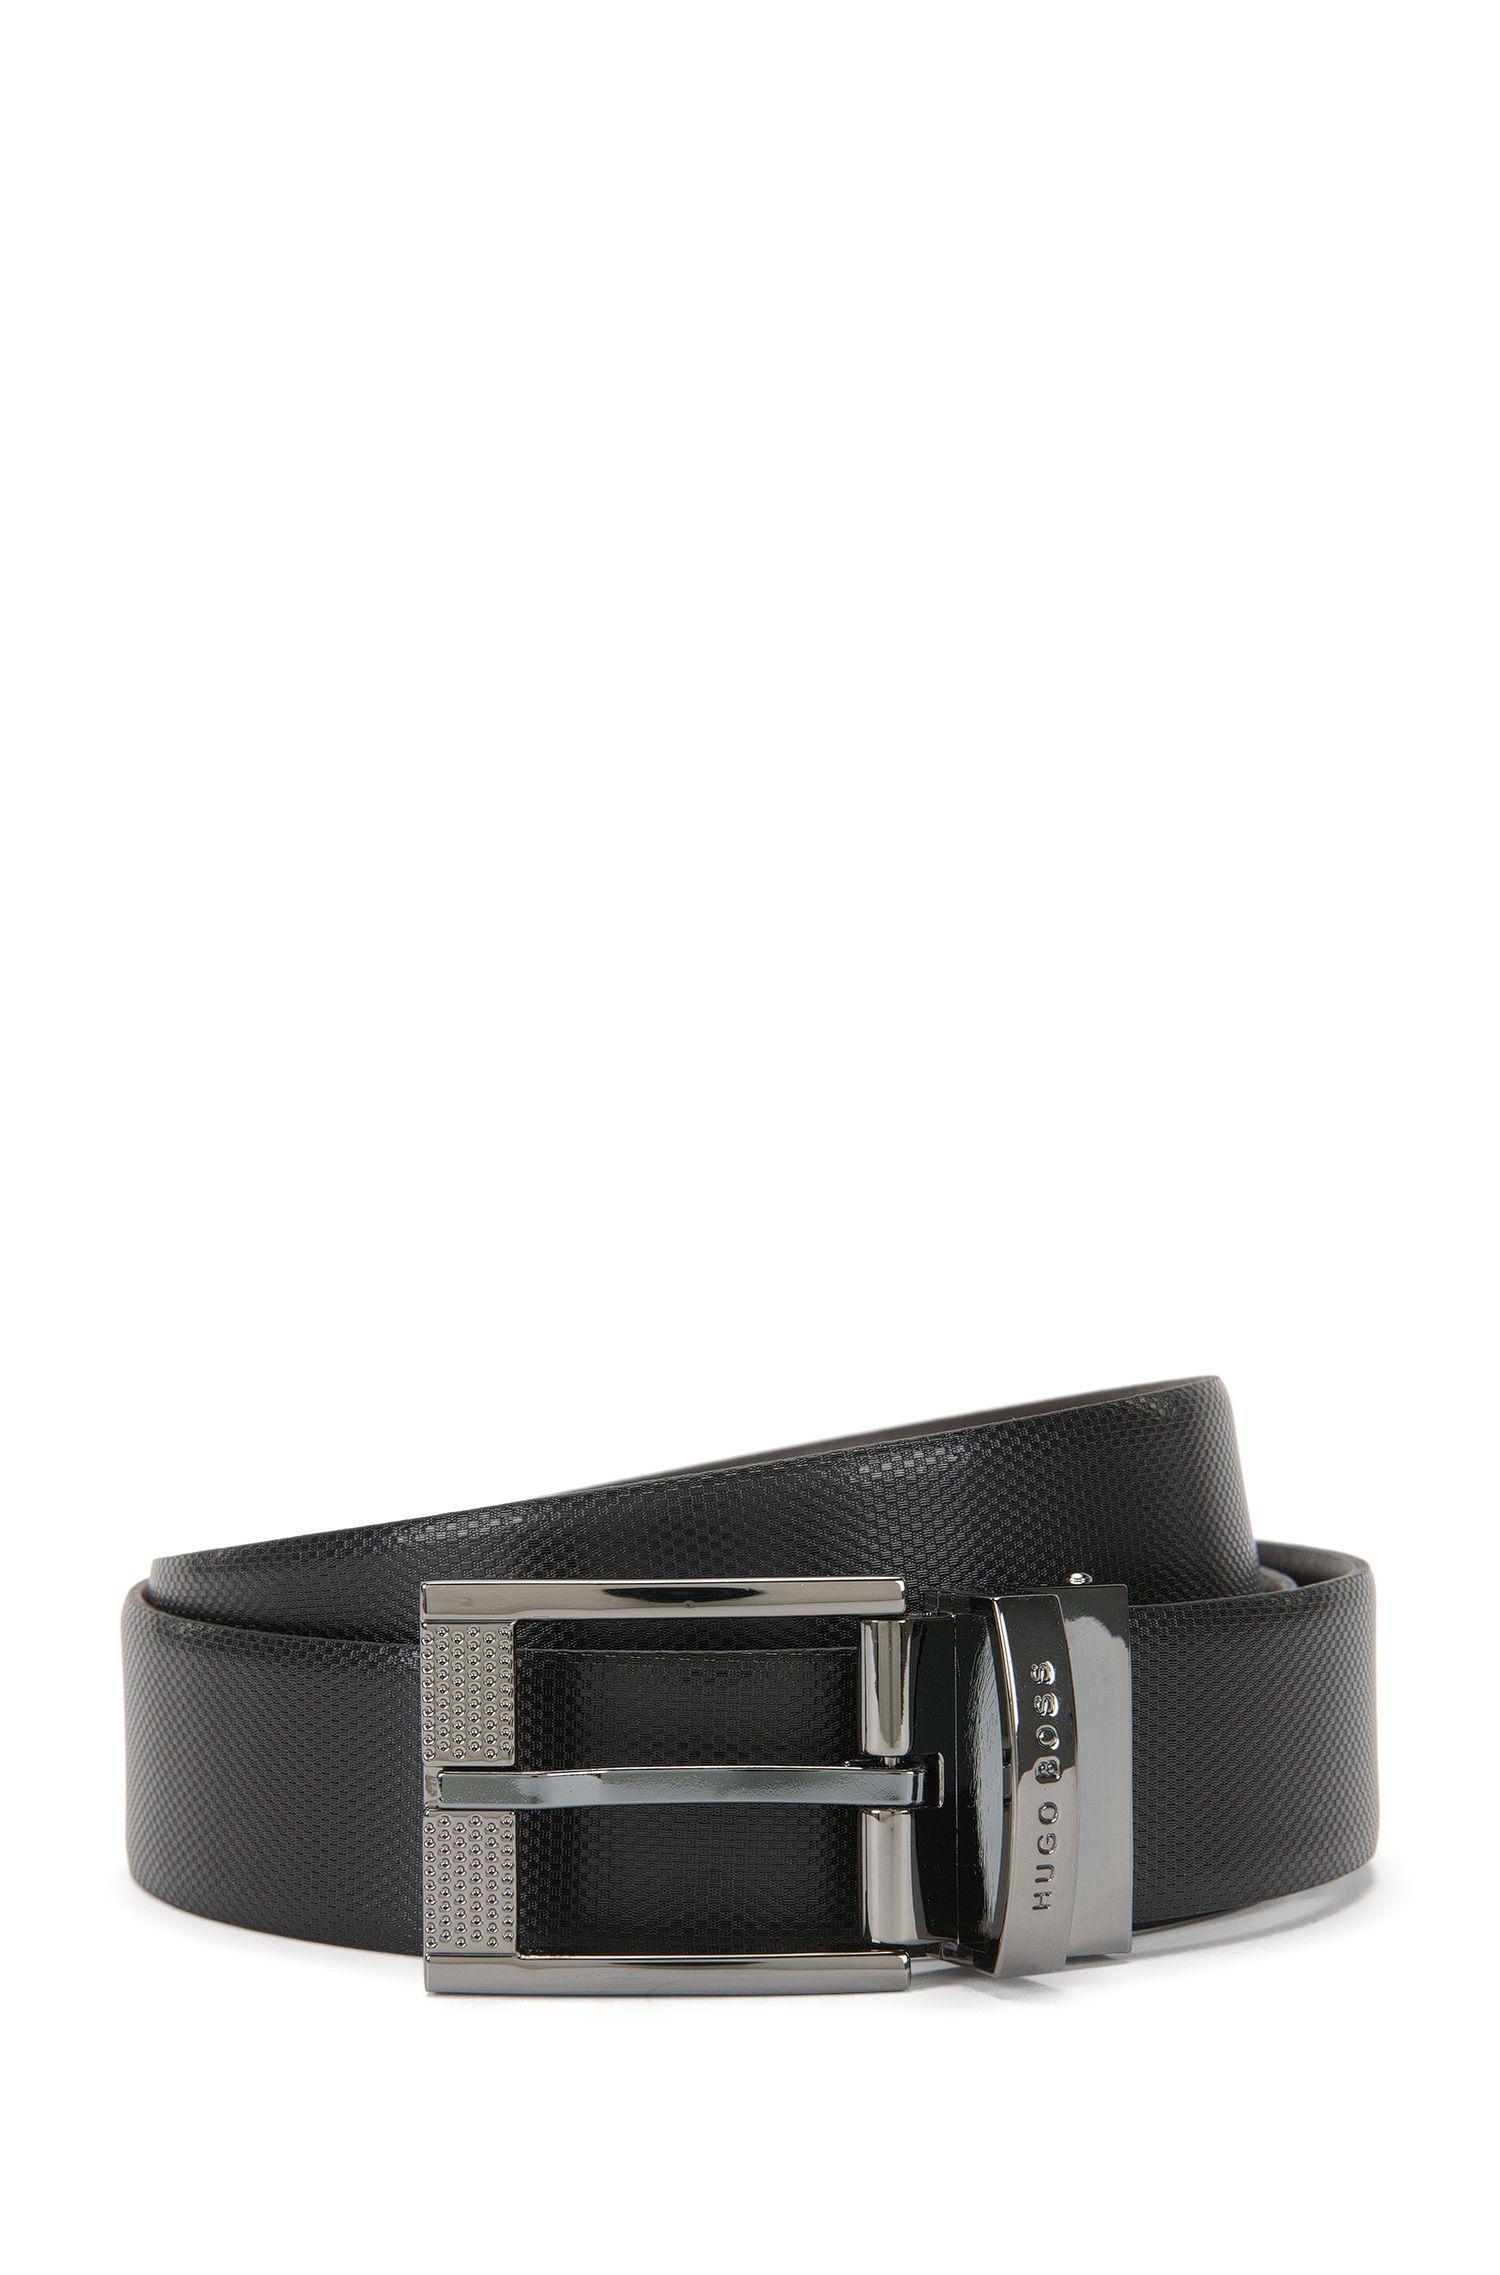 Cinturón reversible en piel de primera calidad